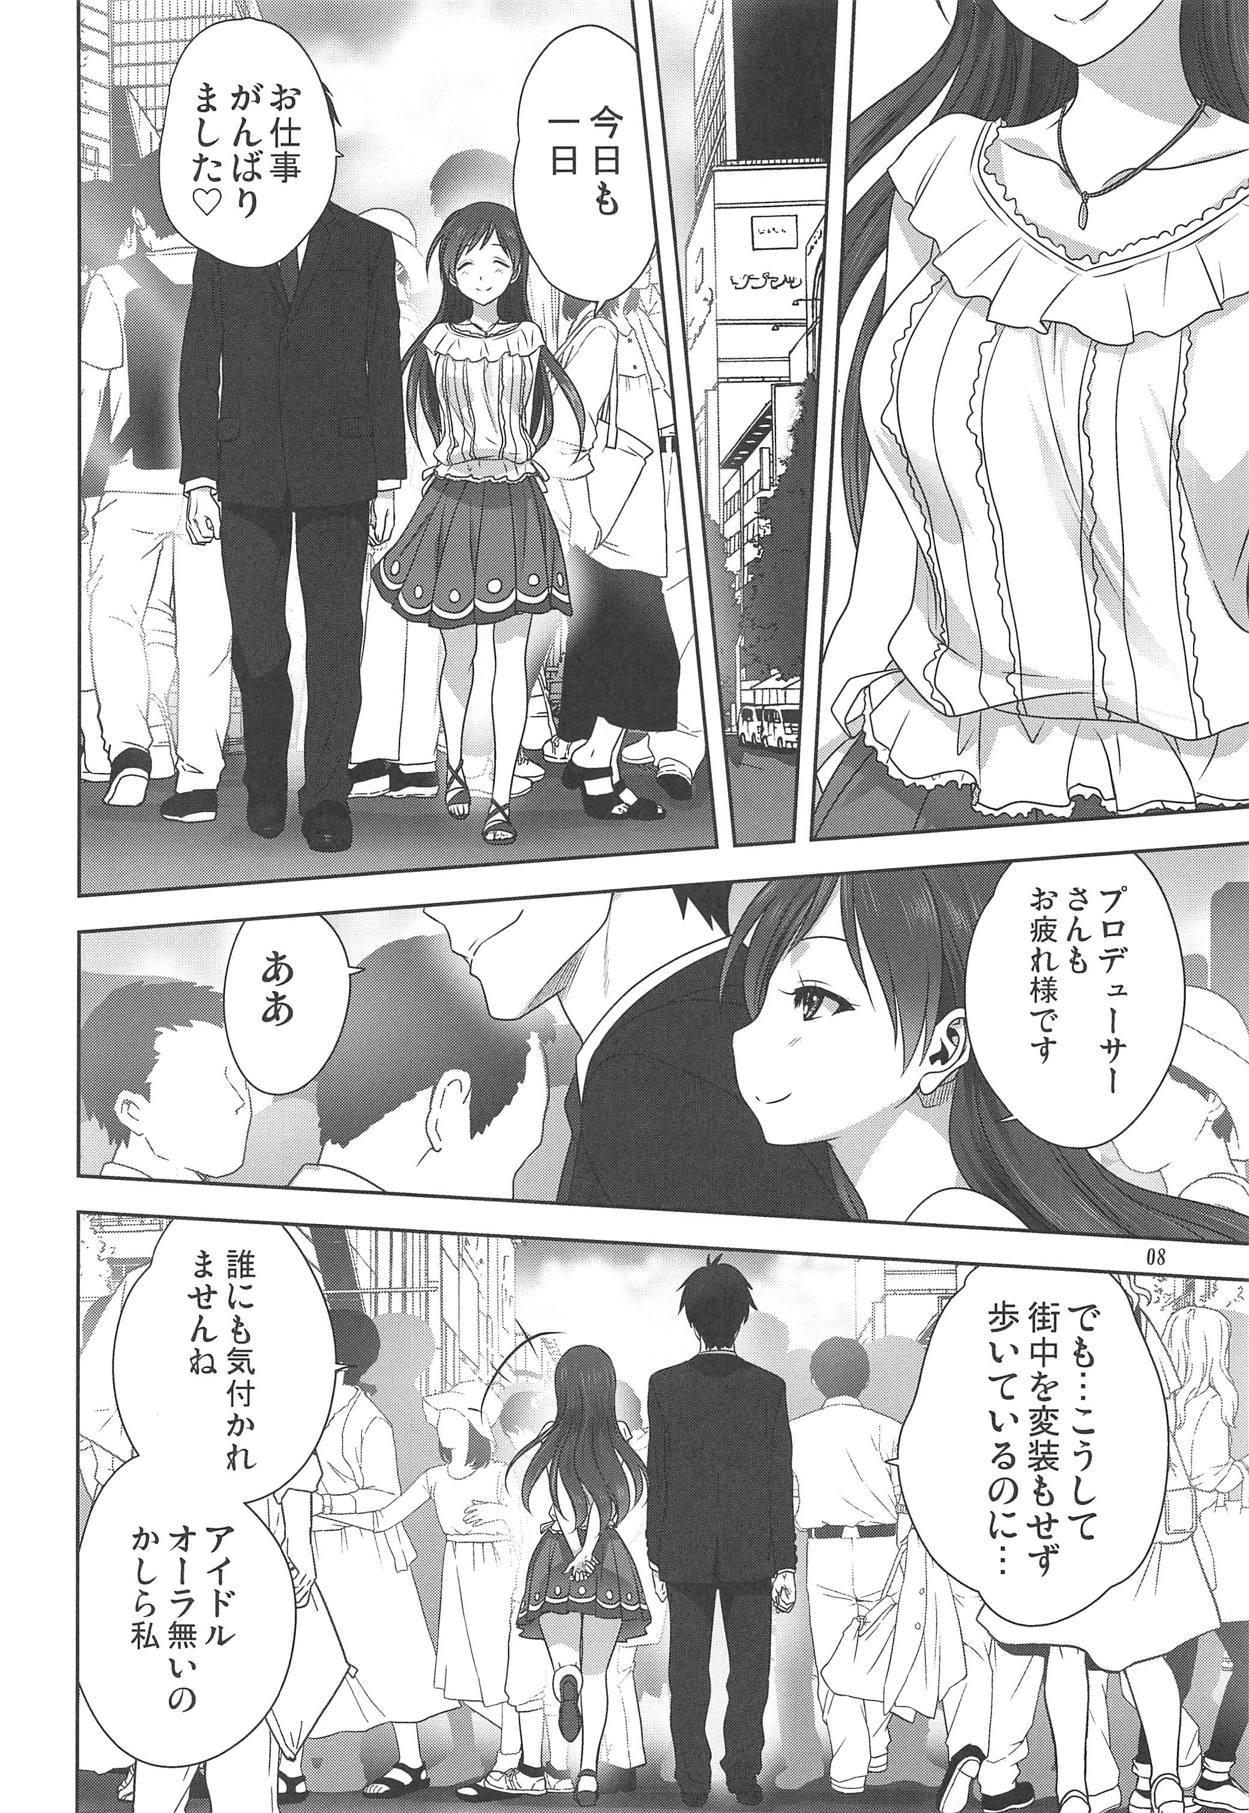 Minami to P no Oshigoto 6